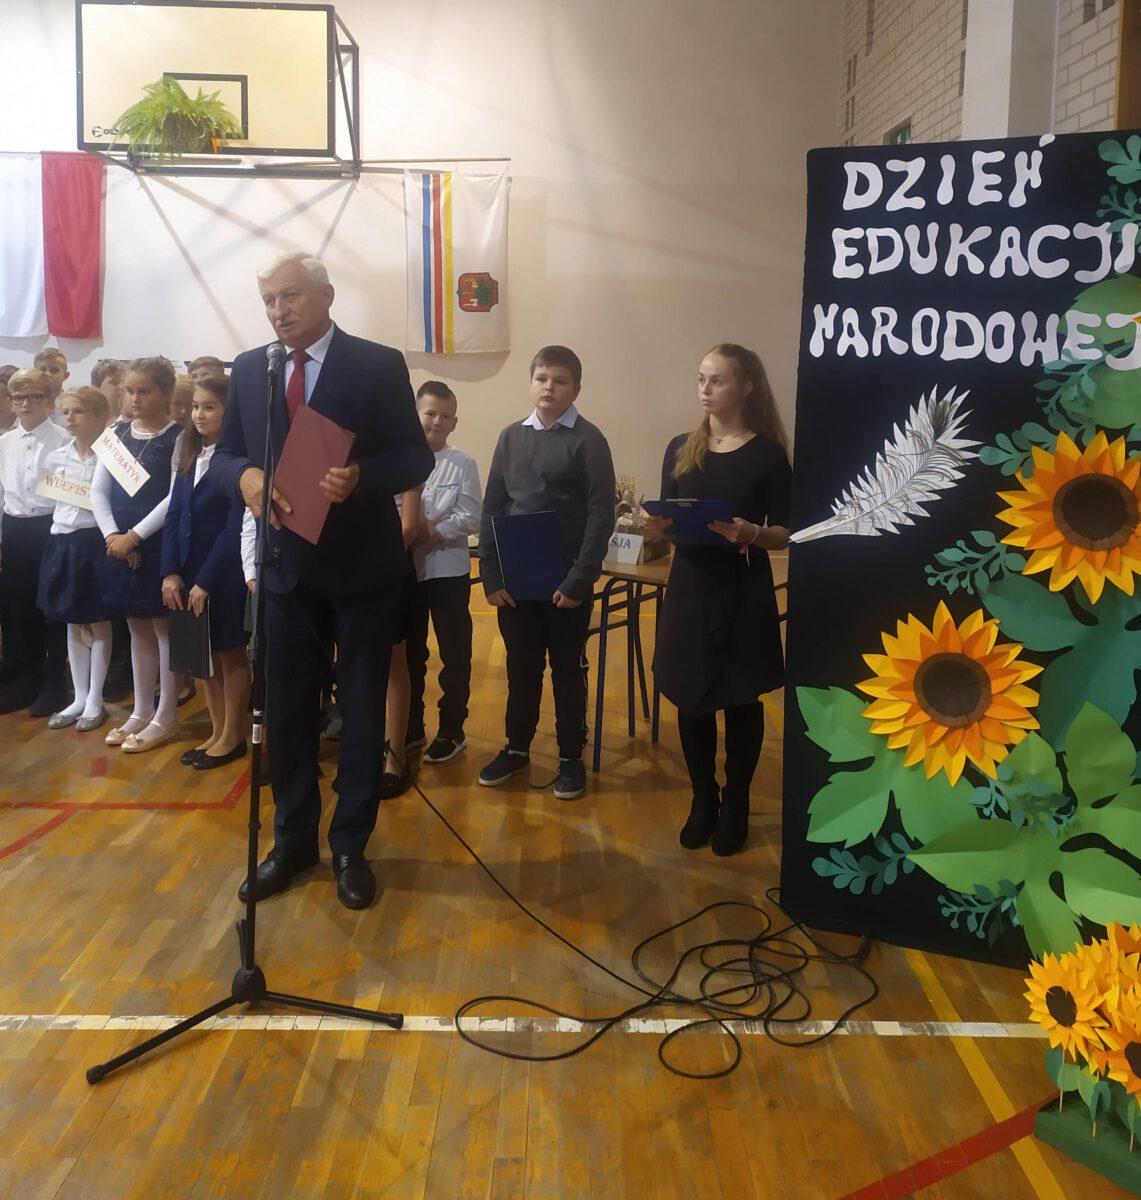 Zdjęcie z uroczystości Dnia Edukacji Narodowej